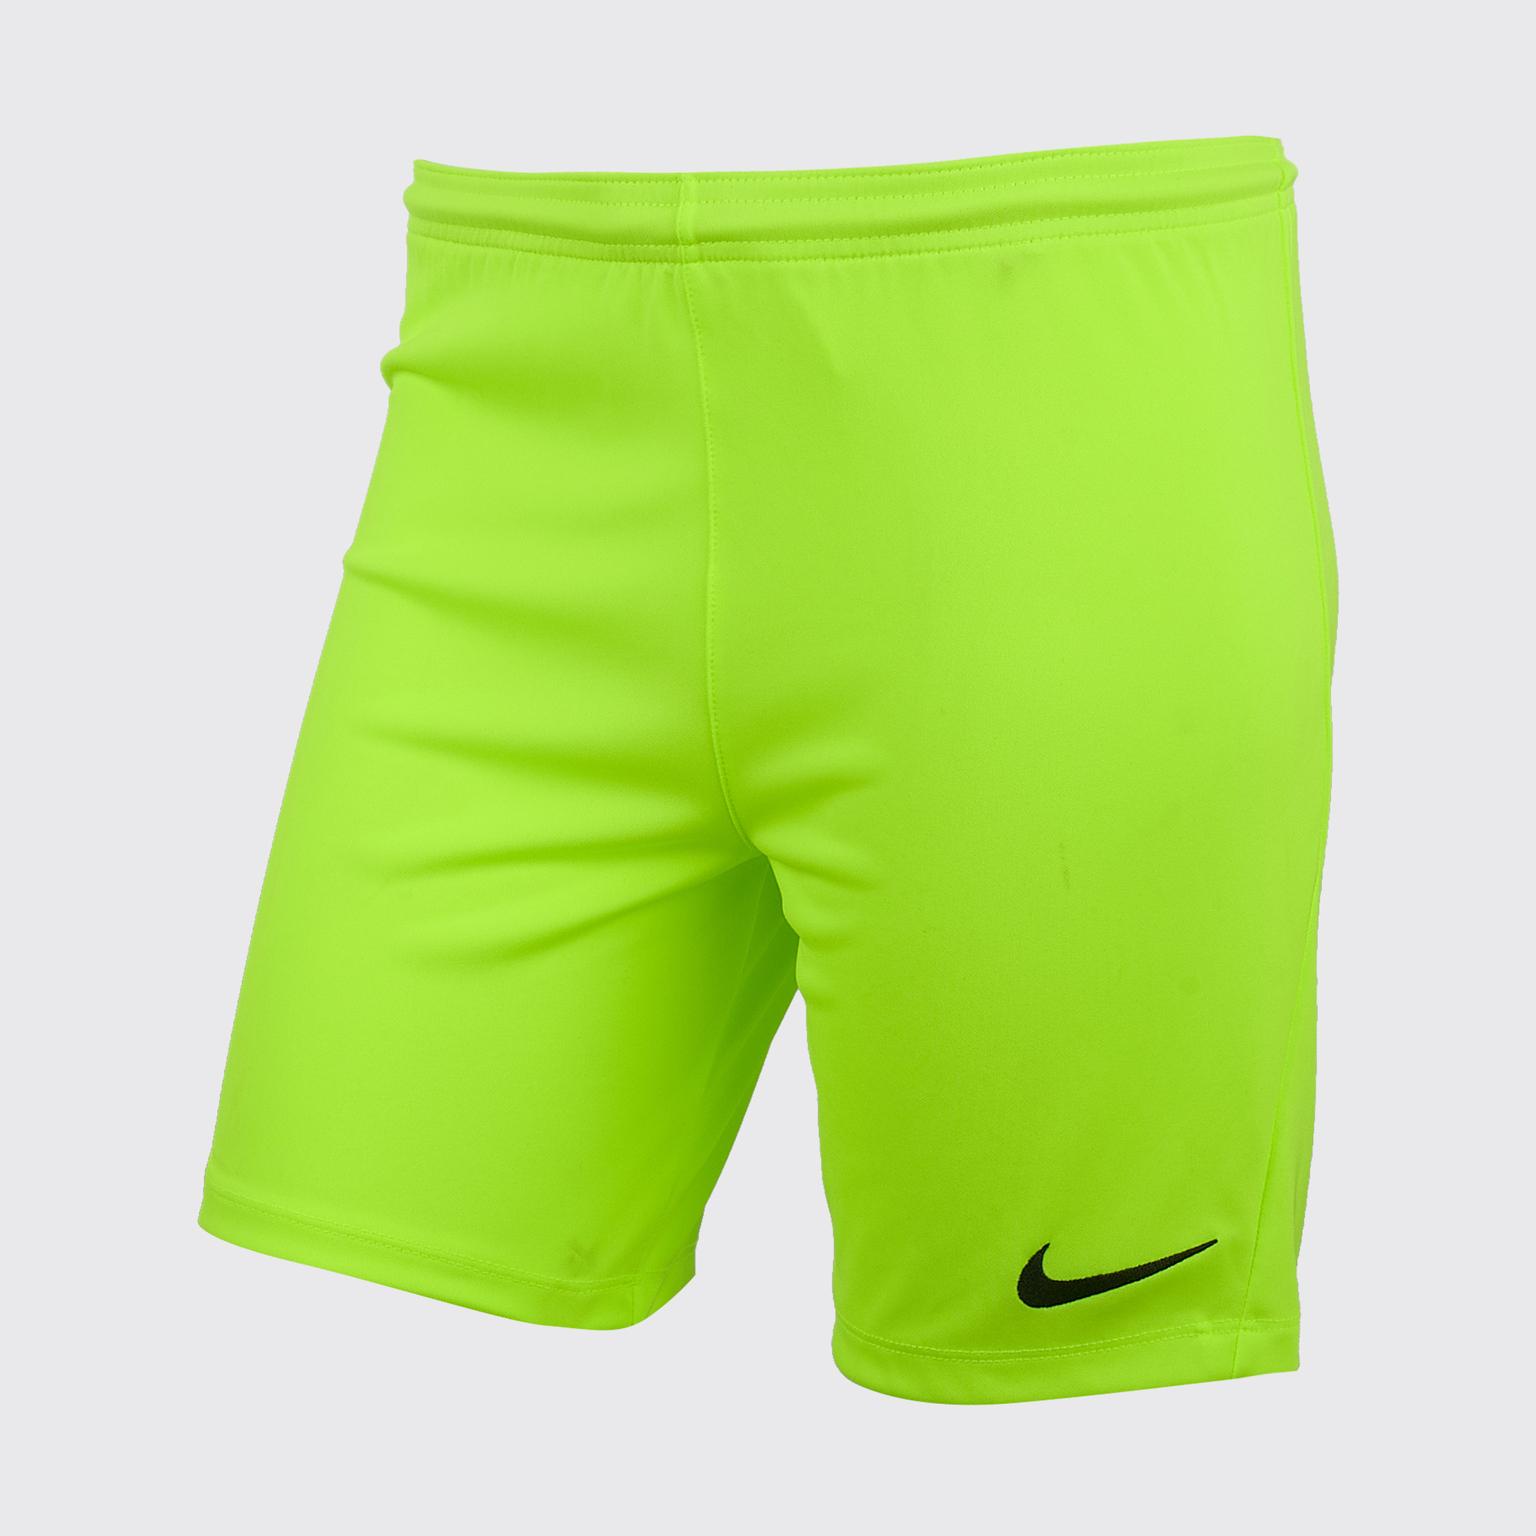 Шорты игровые подростковые Nike Dry Park III NB BV6865-702 шорты nike laser woven iii short nb 725901 101